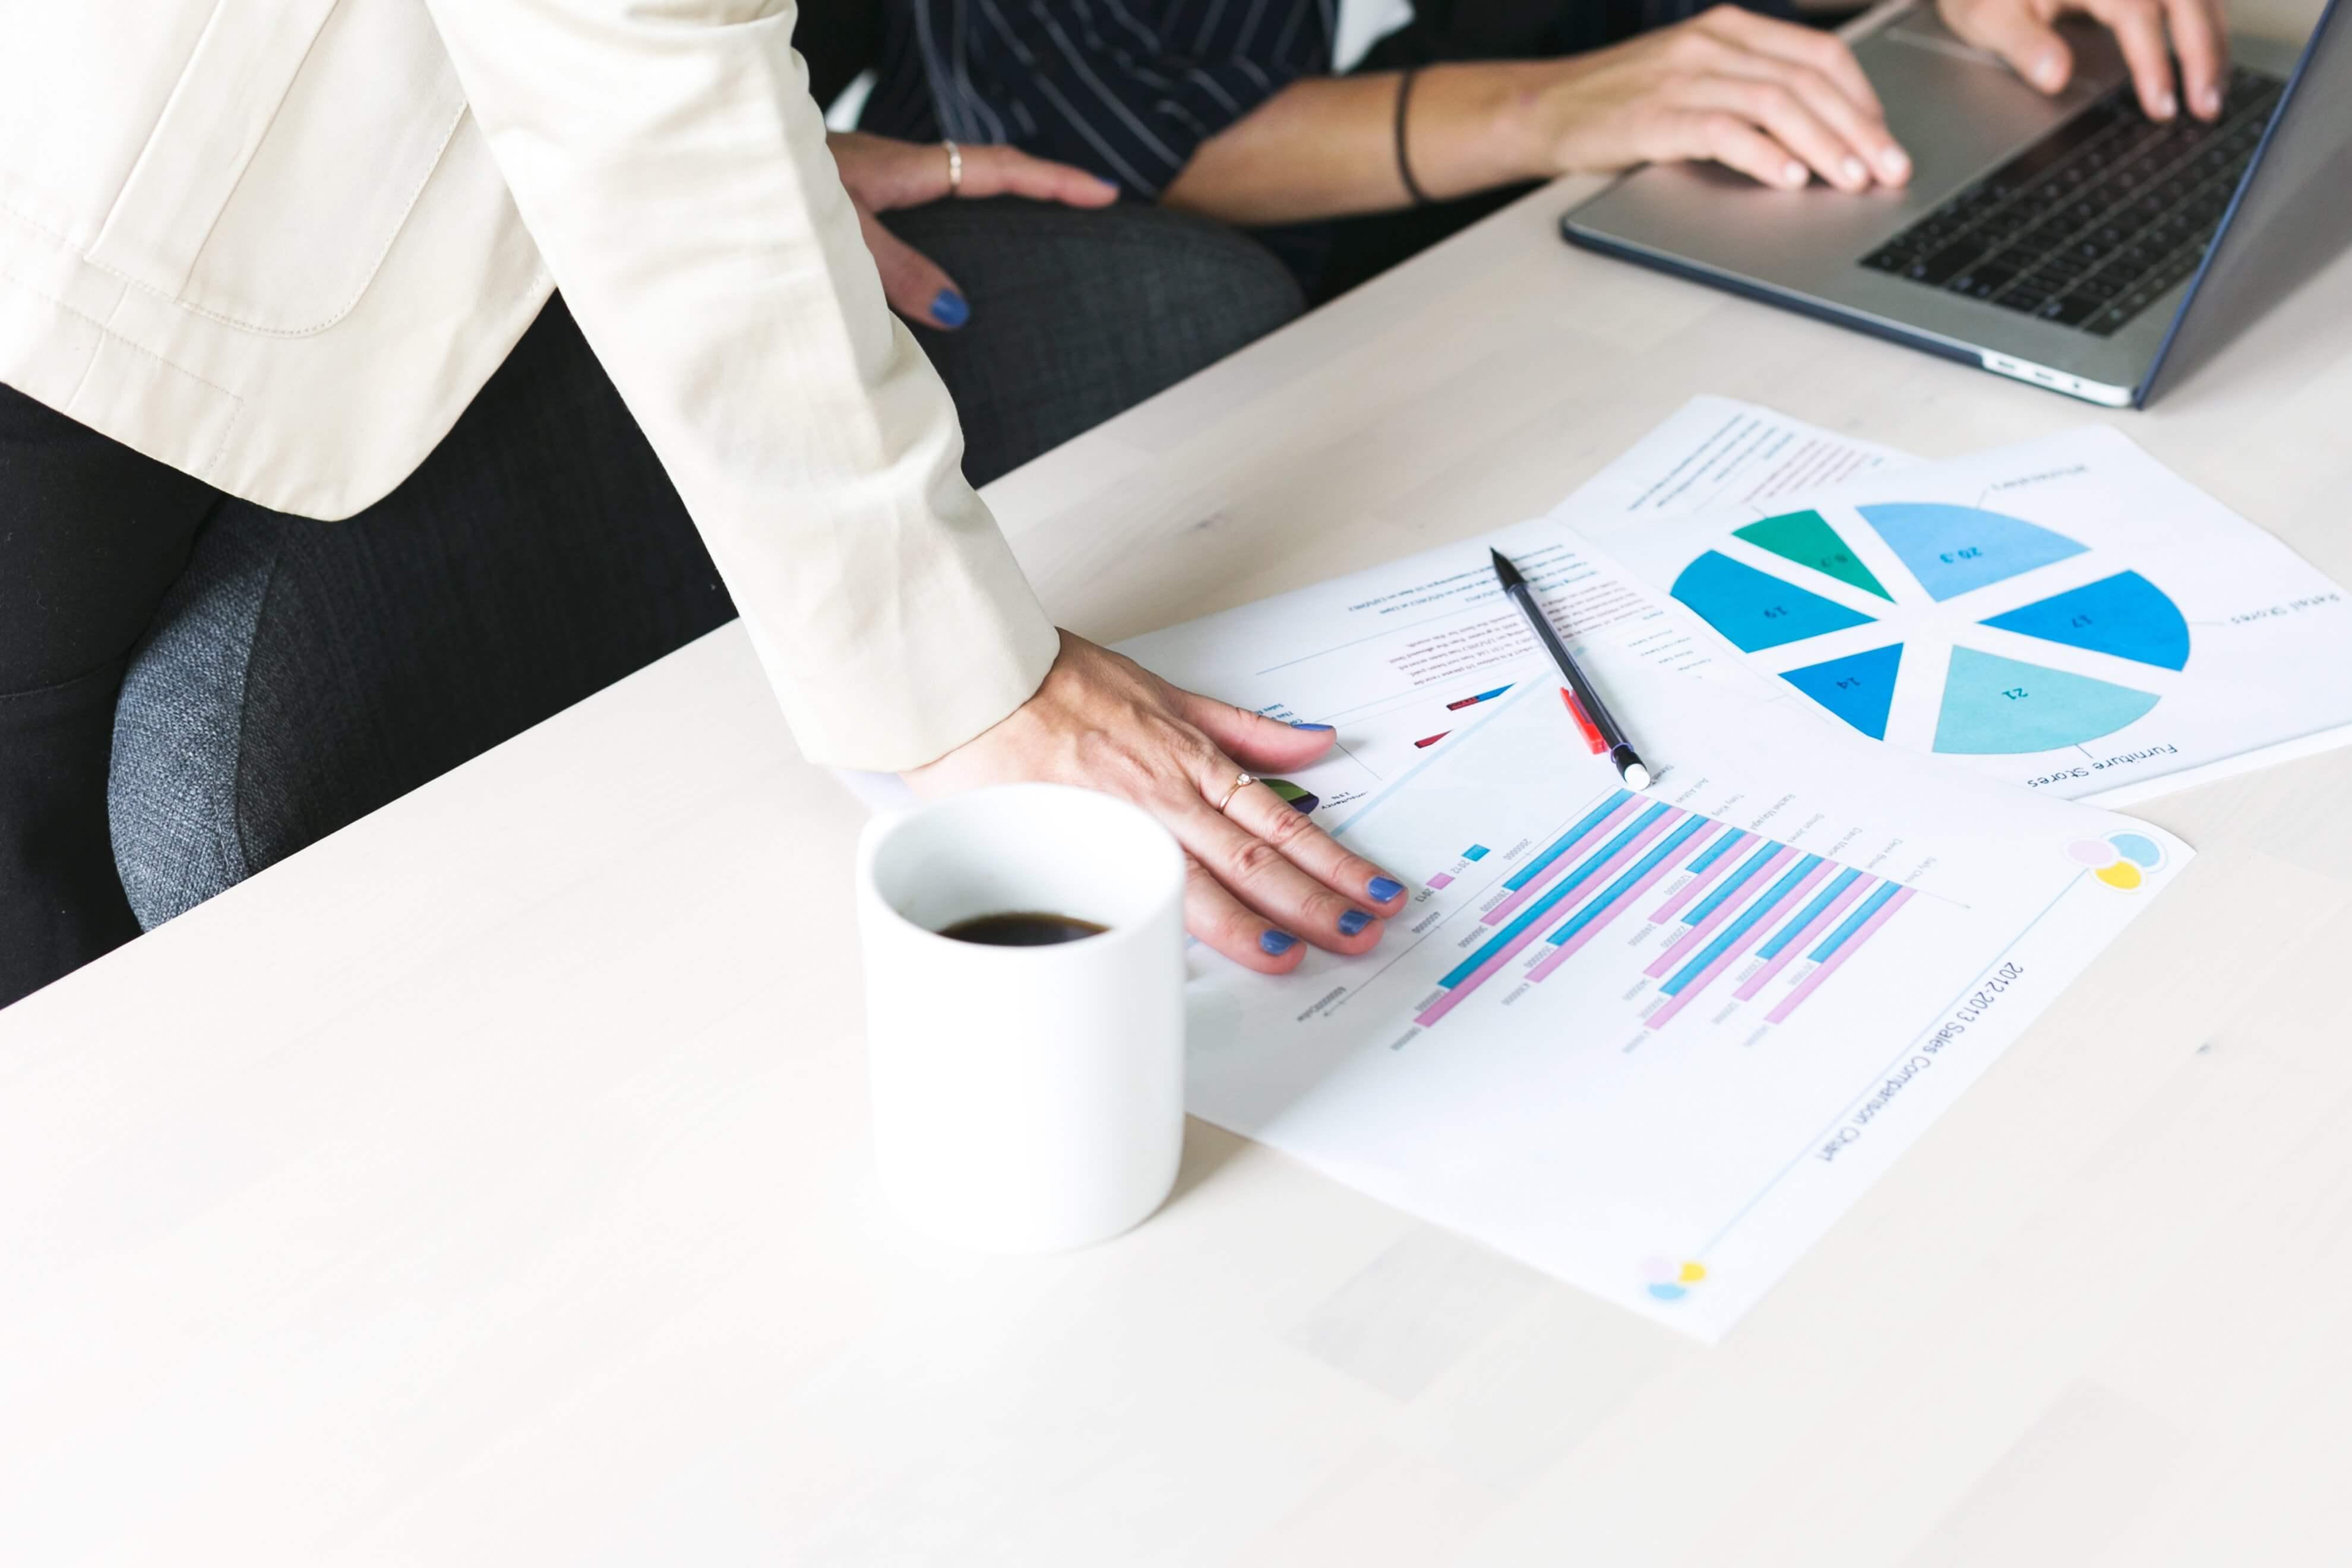 planejamento estratégico com outsourcing de ti